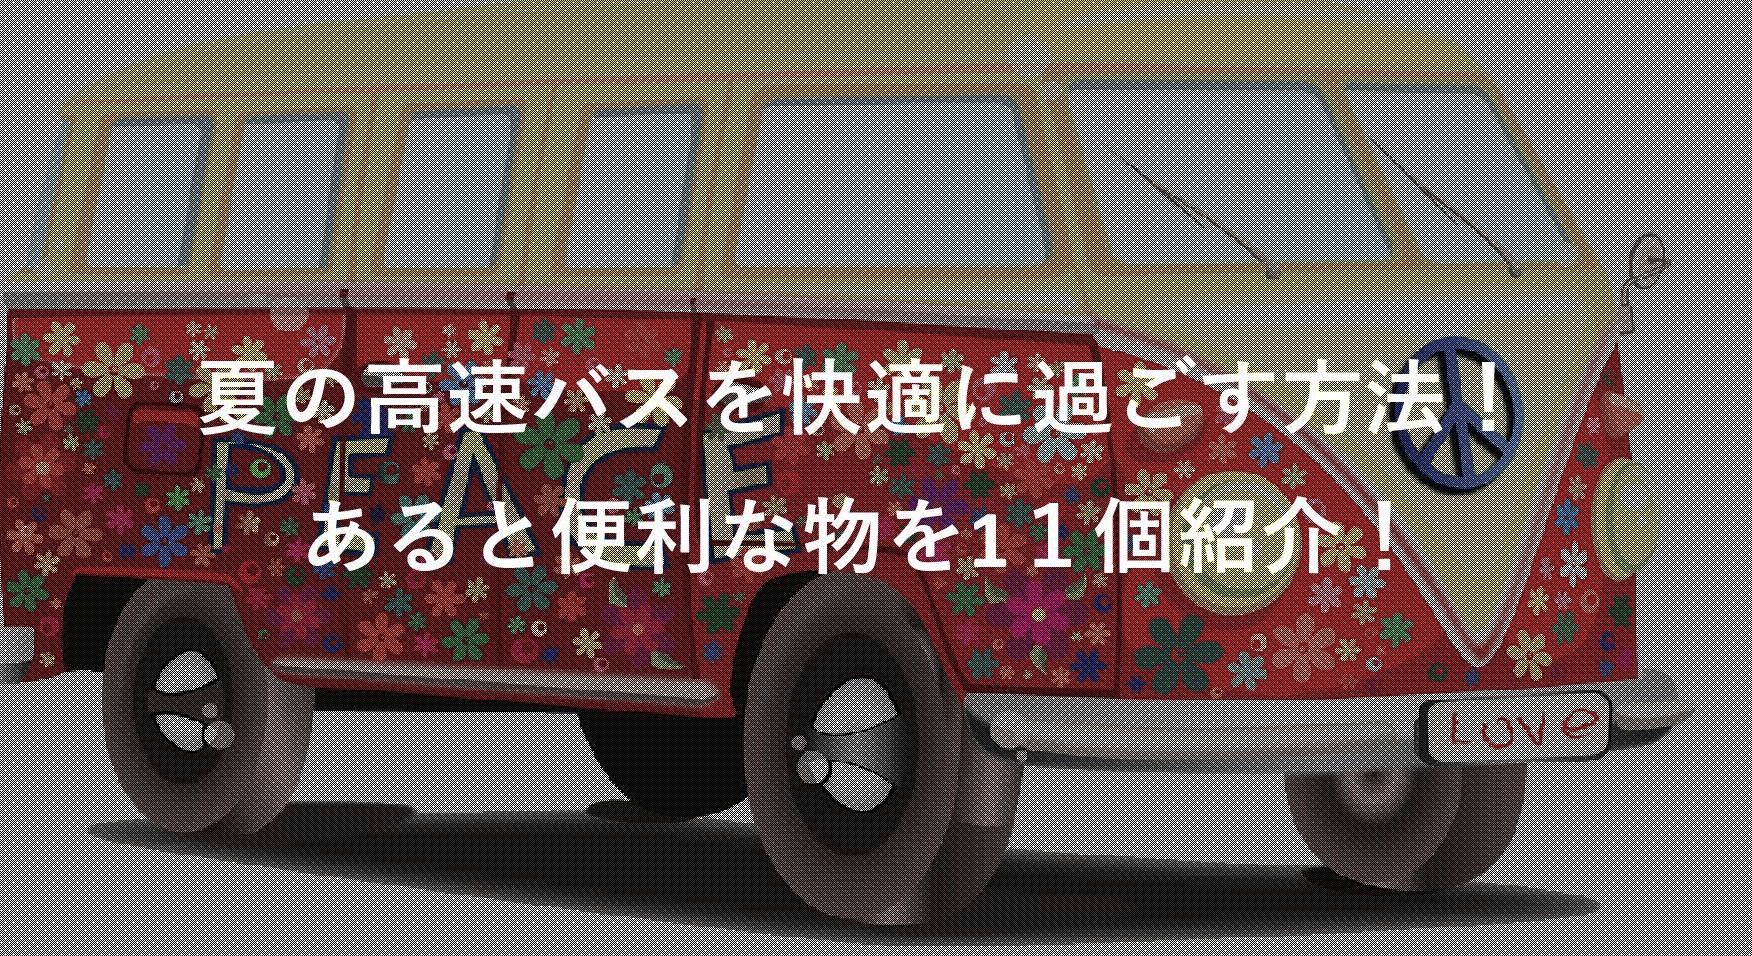 夏の高速バス・夜行バス対策!過ごし方・11個のあると便利な物を紹介!